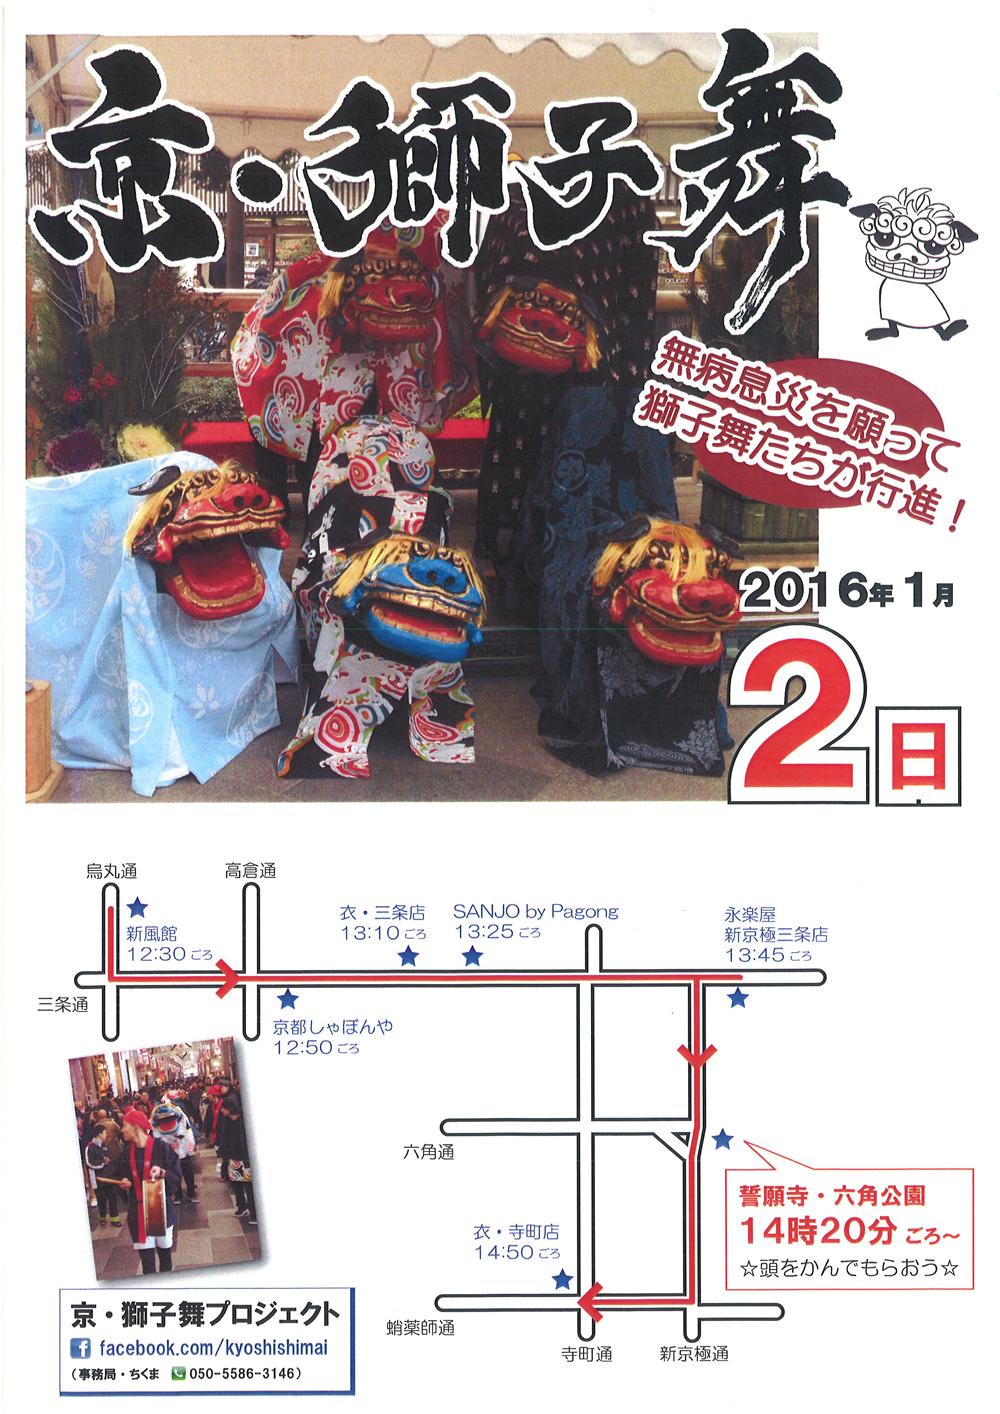 2015-2016nenmatsunenshi-2